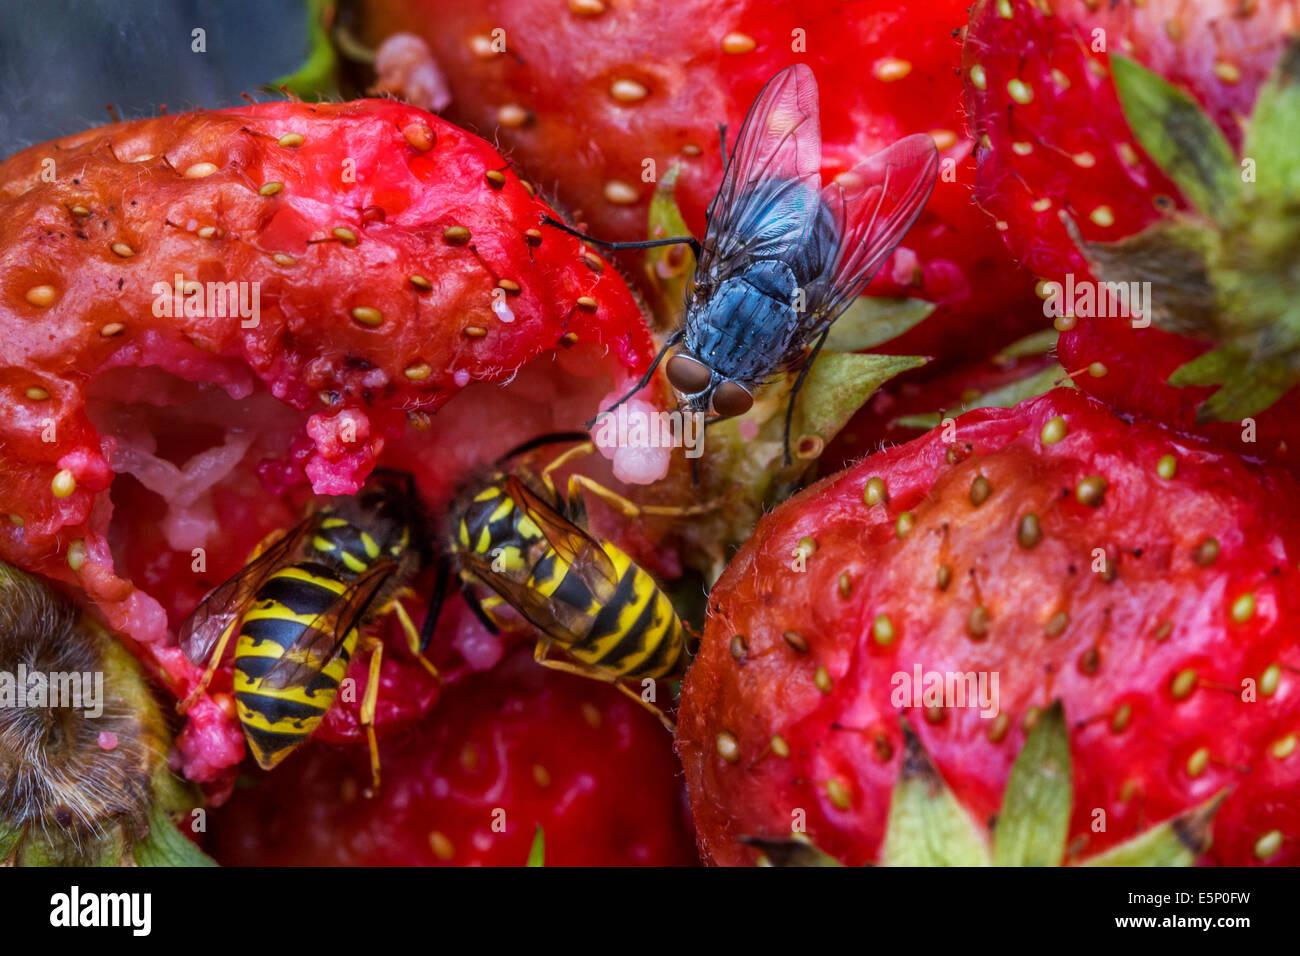 Que Mange Les Guepes les guêpes et les mouches de manger les fraises pourries dans jardin